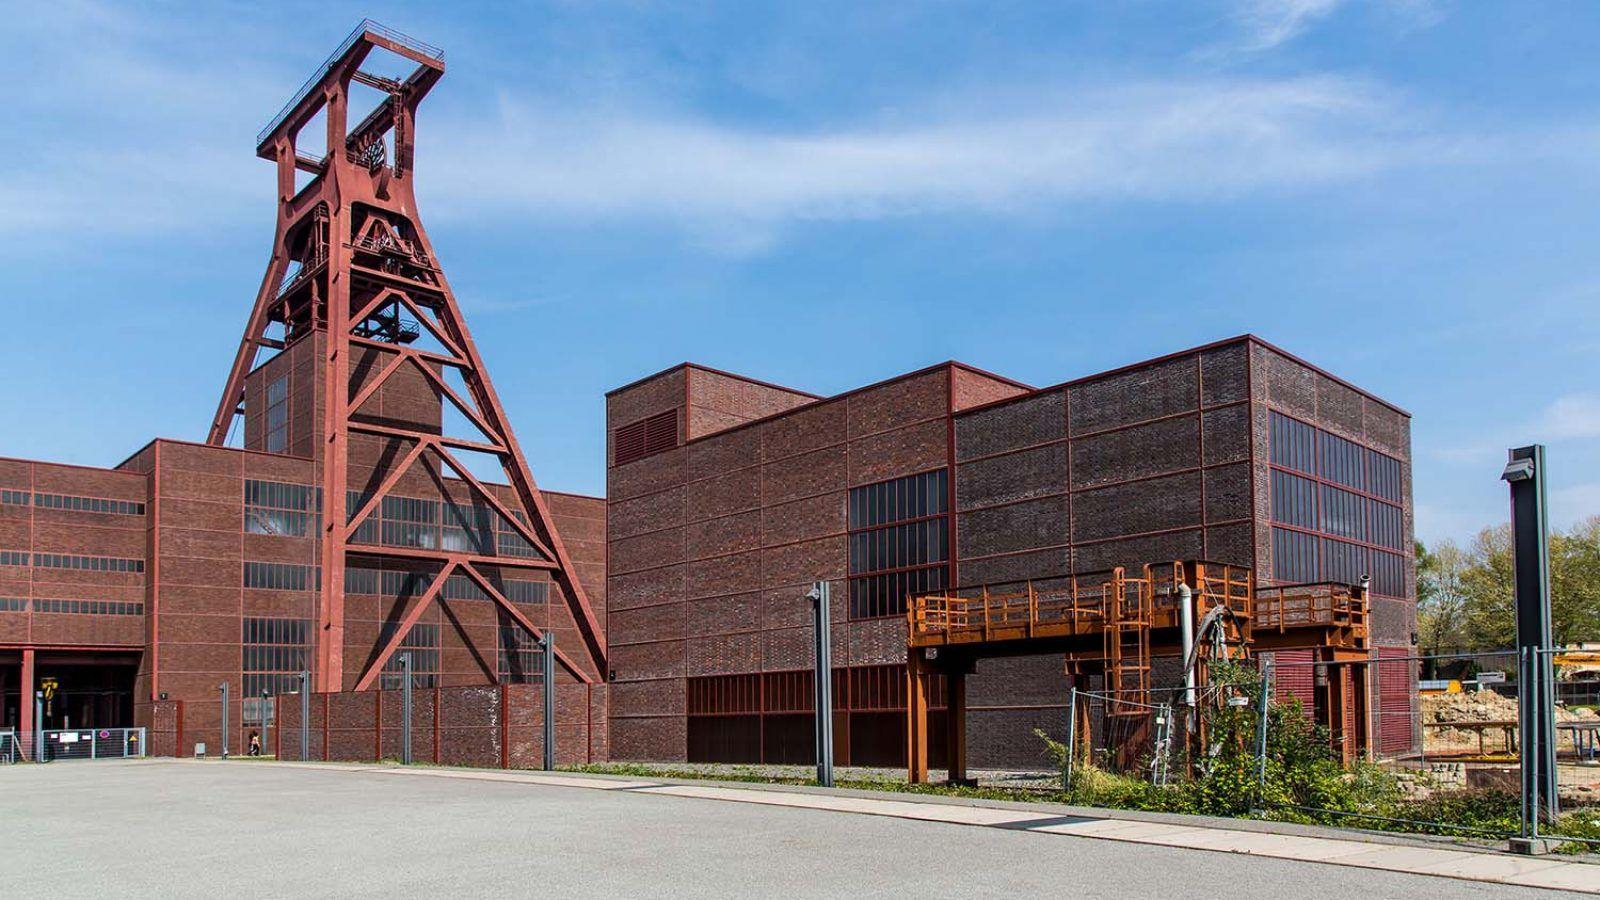 Foto: Jochen Tack / Stiftung Zollverein